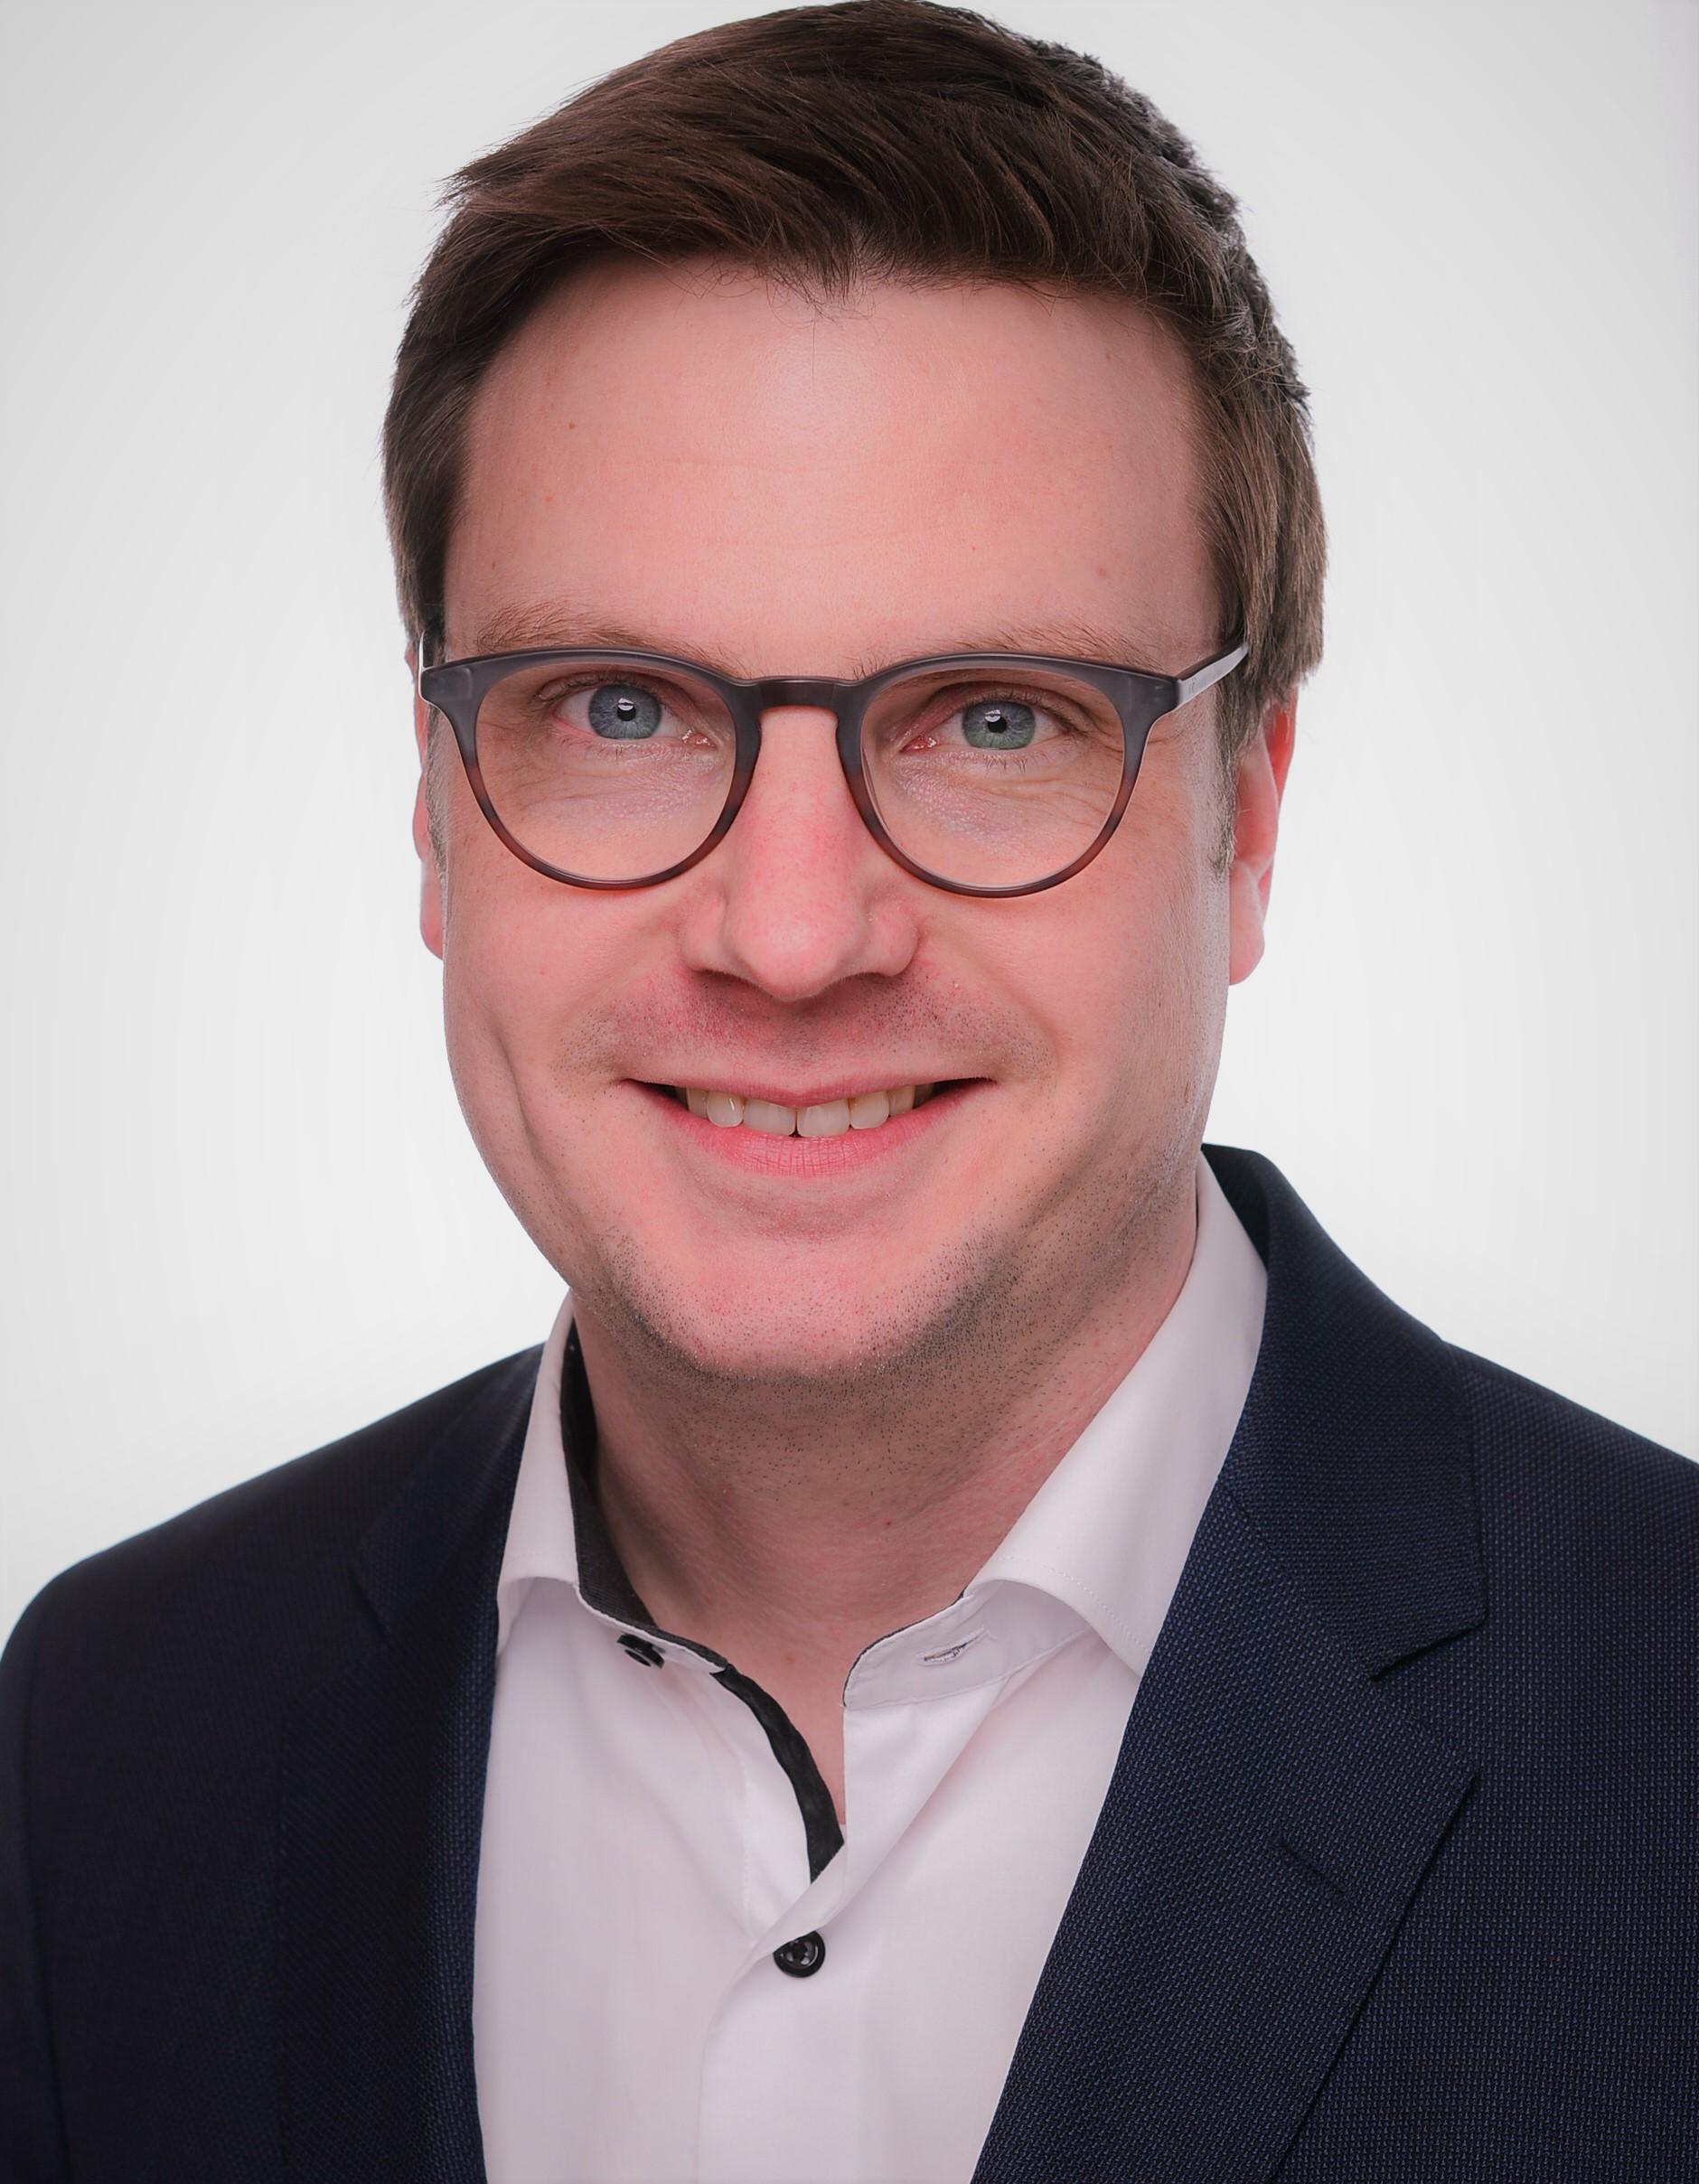 Porträtfoto von Björn Korte. Er trägt ein dunkles Jacket und ein weißes Hemd.